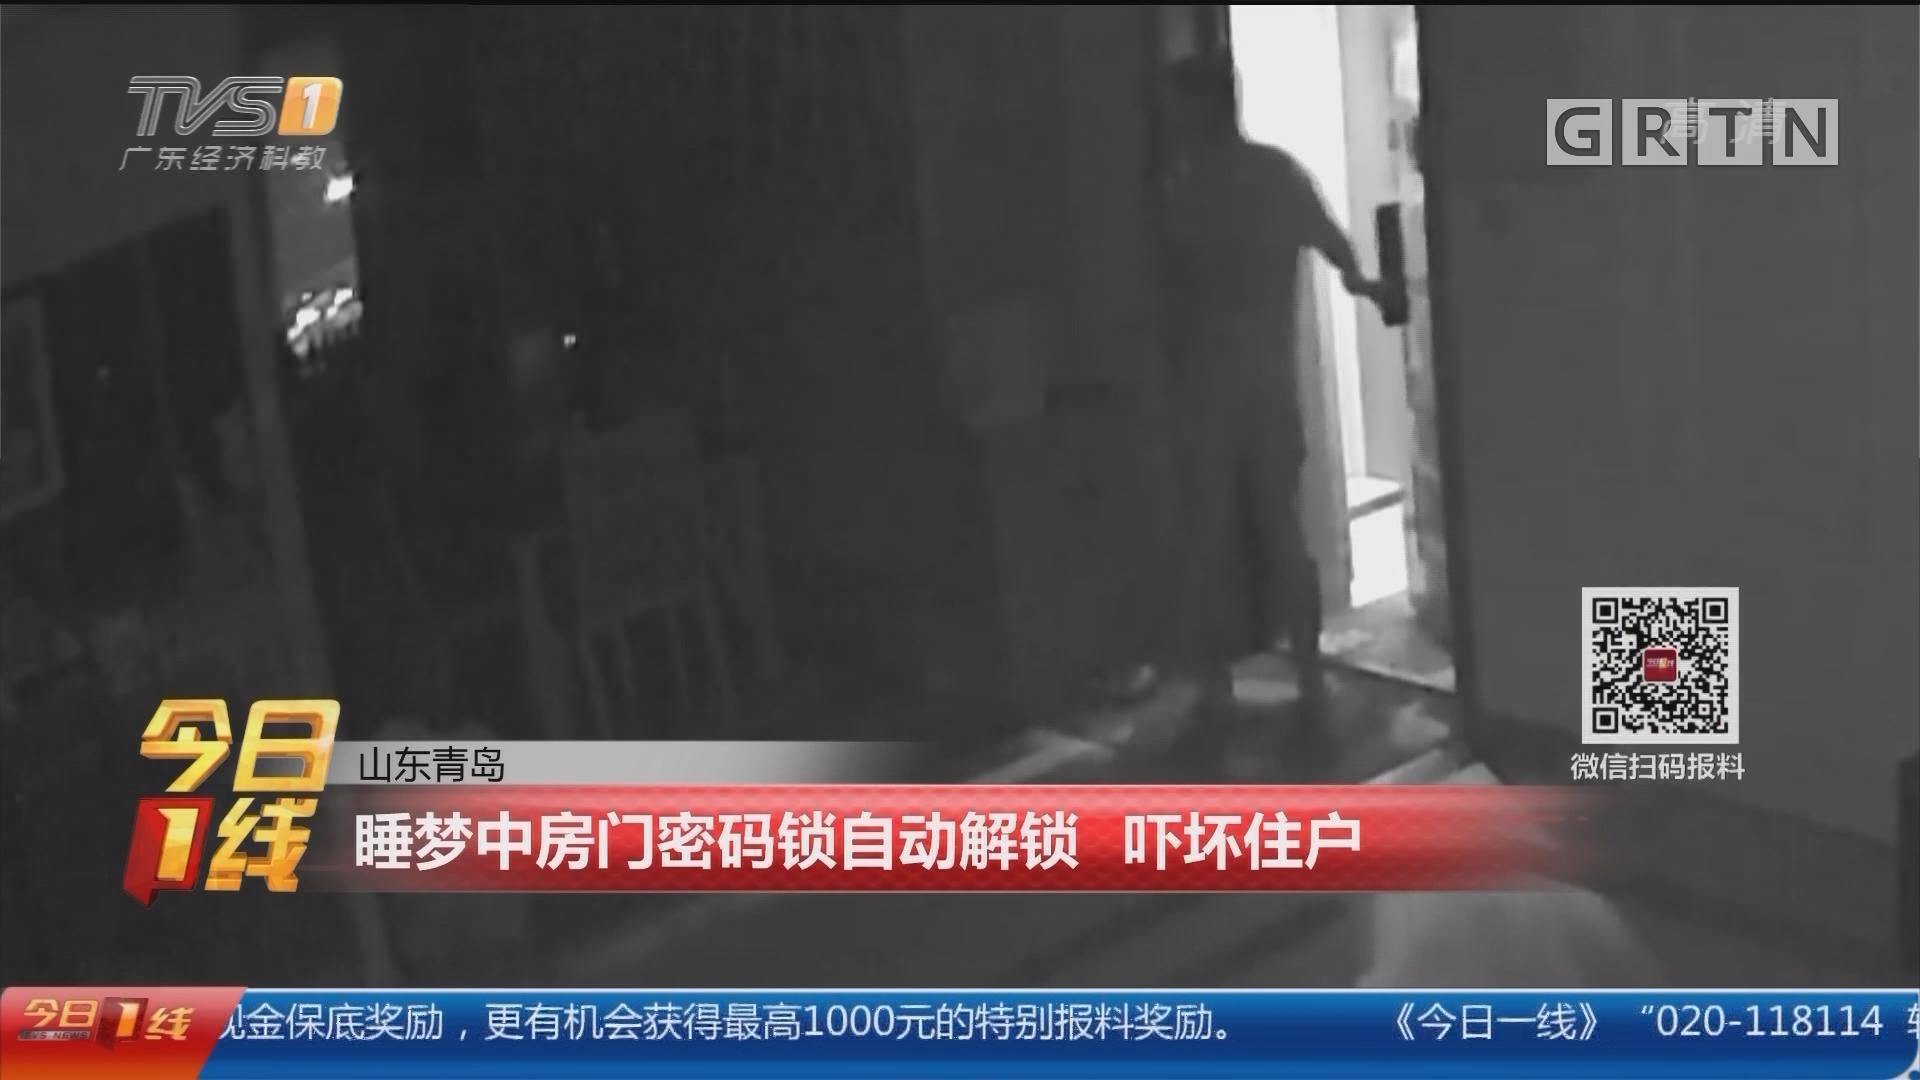 山东青岛:睡梦中房门密码锁自动解锁 吓坏住户